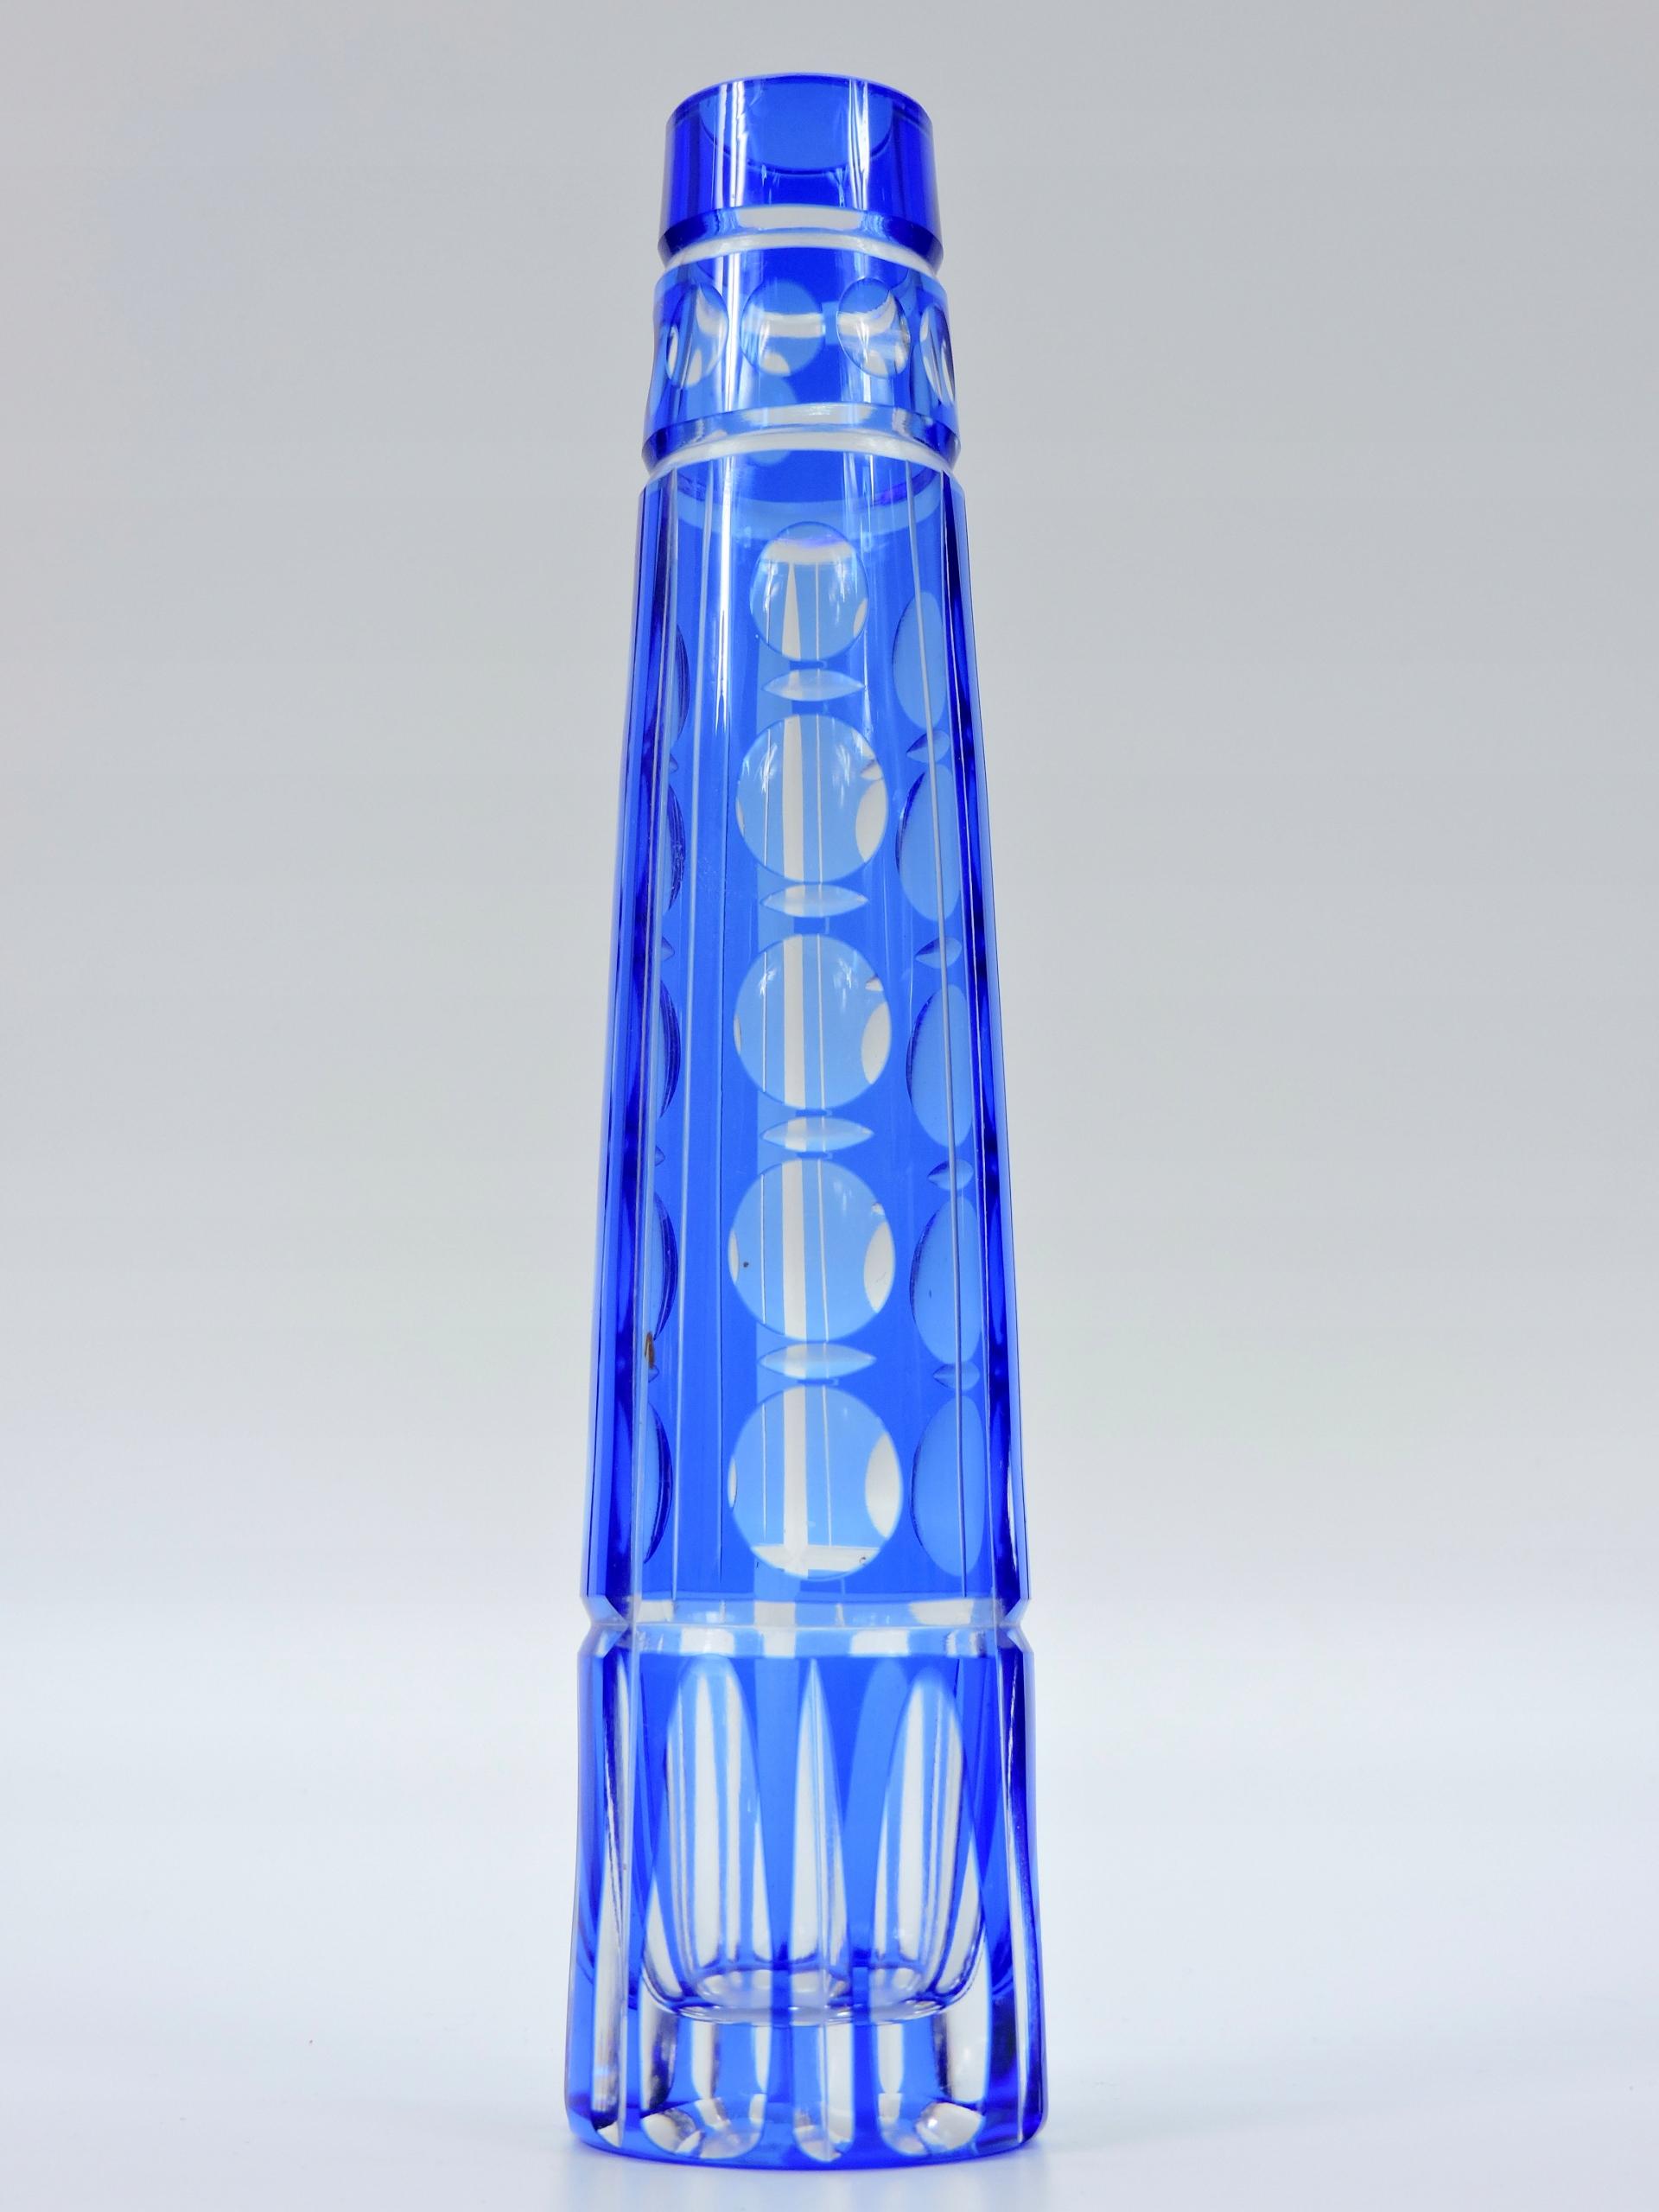 Ваза синий кристаллический объектив М. Фойгт 1960